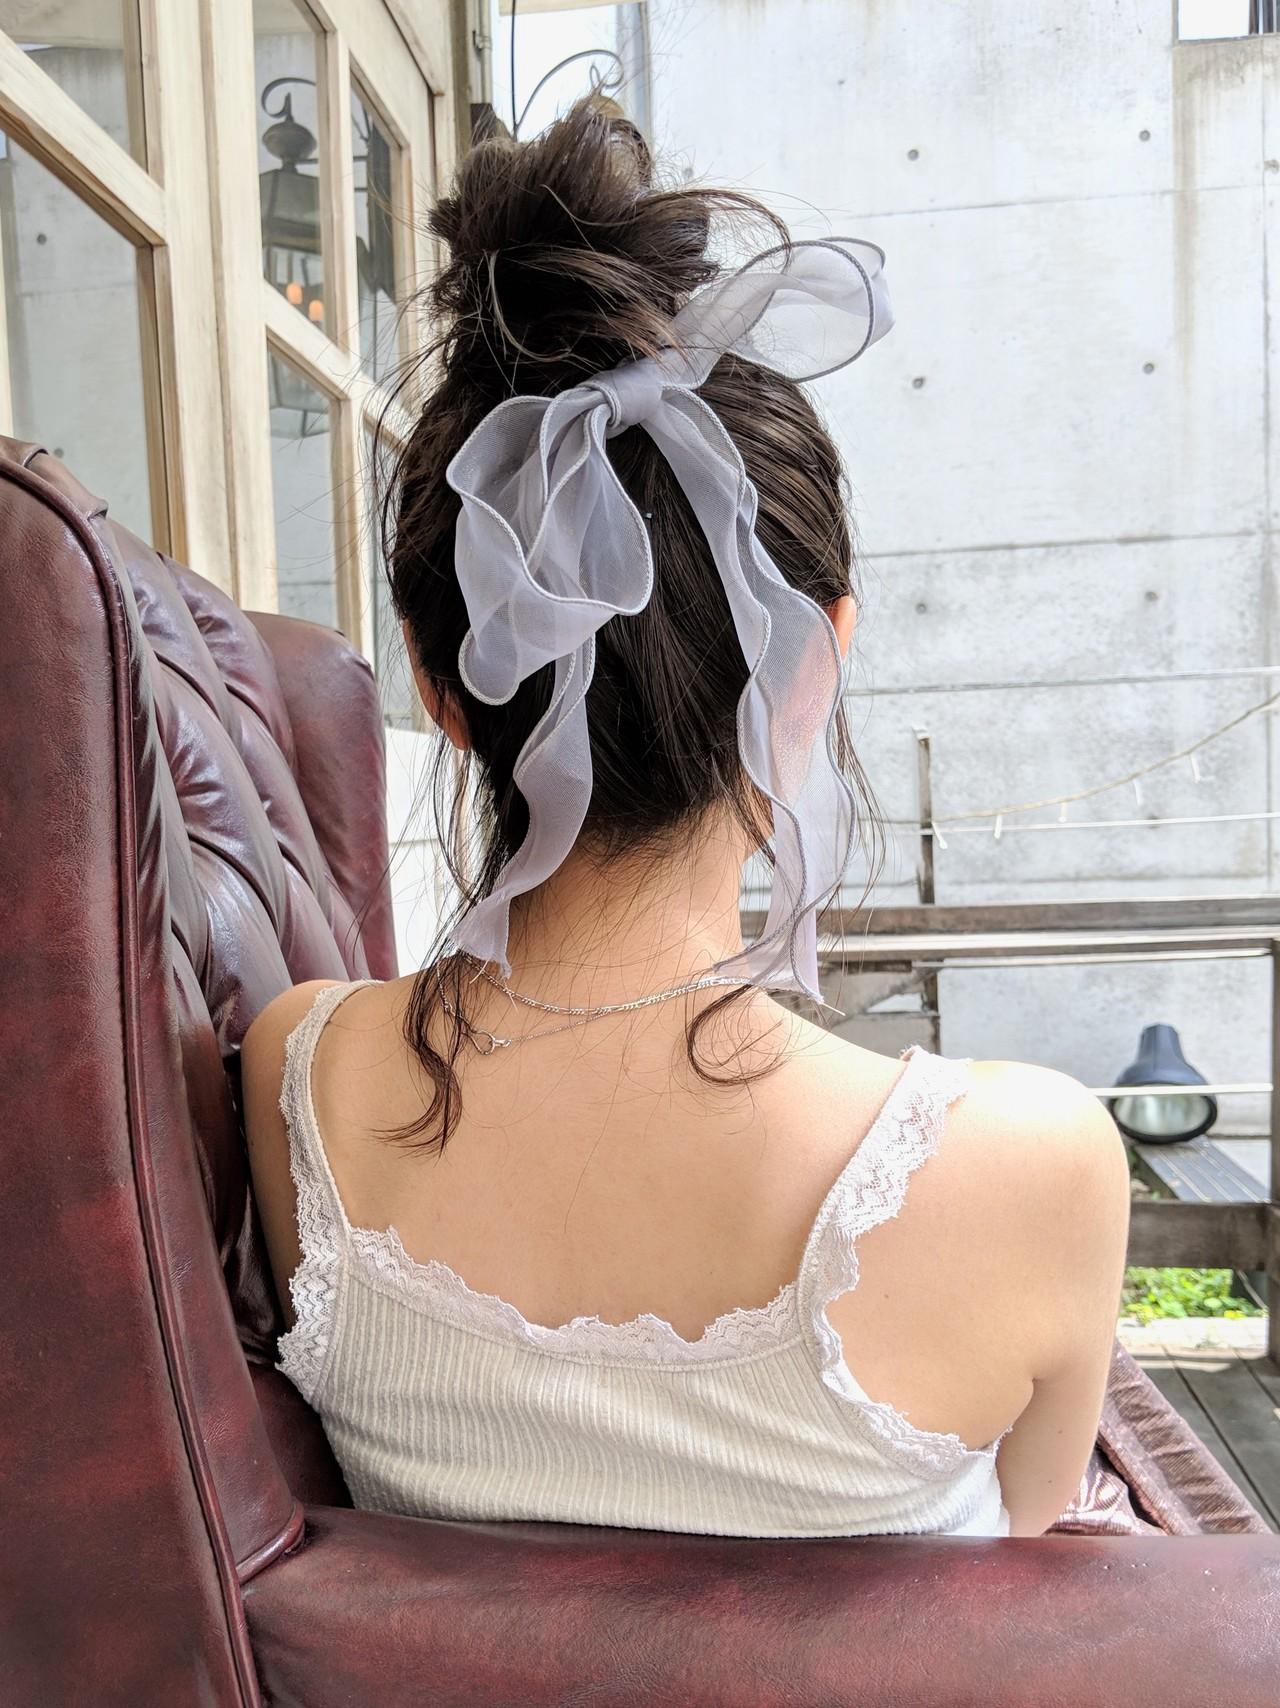 ミディアム ヘアアレンジ リボンアレンジ ガーリー ヘアスタイルや髪型の写真・画像